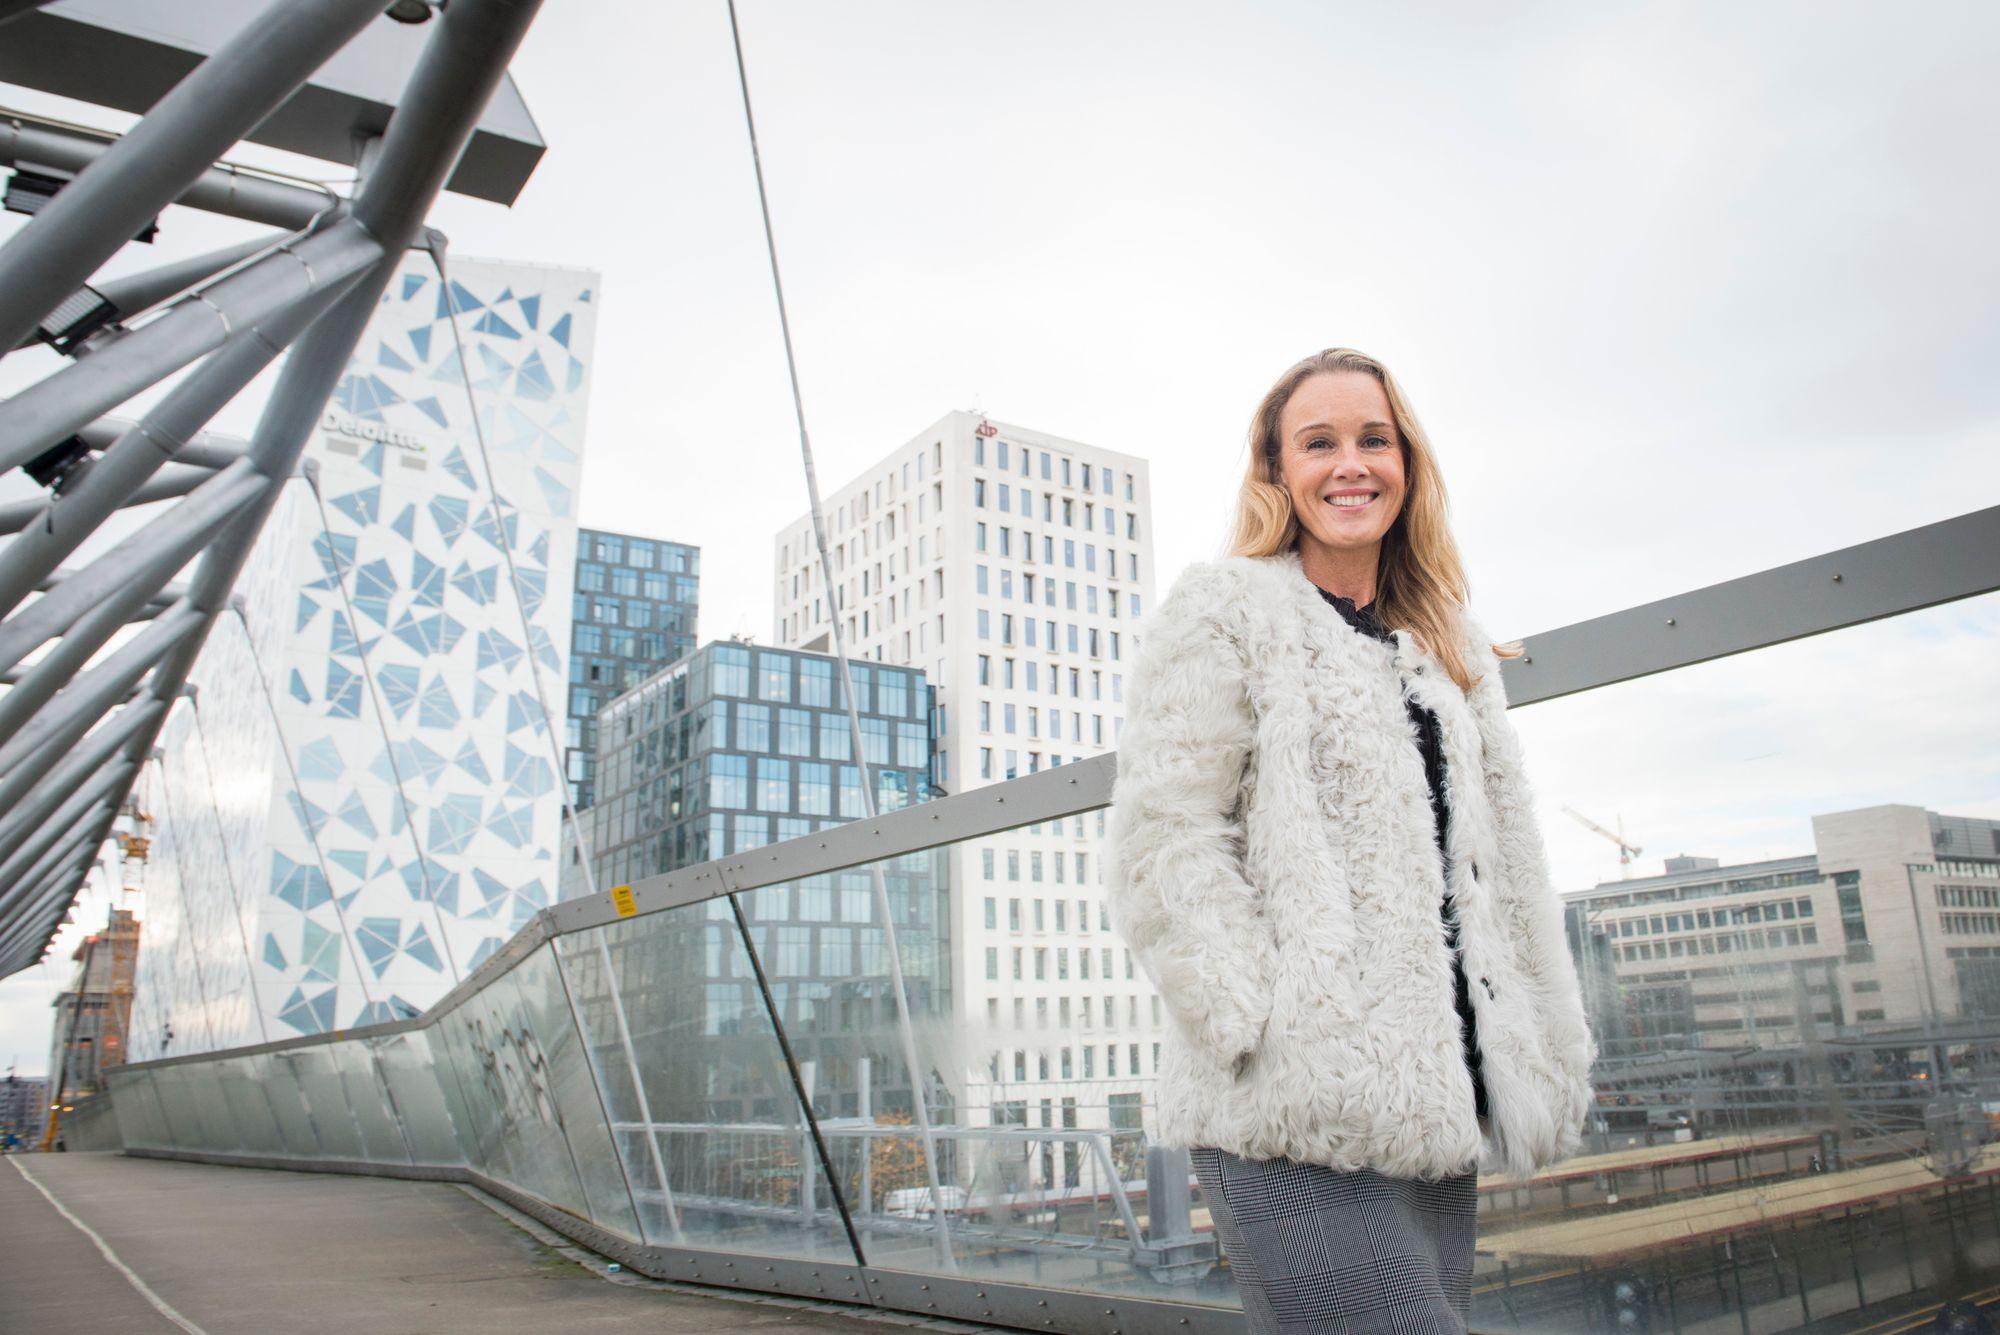 GLAD SJEF: Maria Louise Rognerud, direktør Bygulv i Oslo S Utvikling, gleder seg over utviklingen.